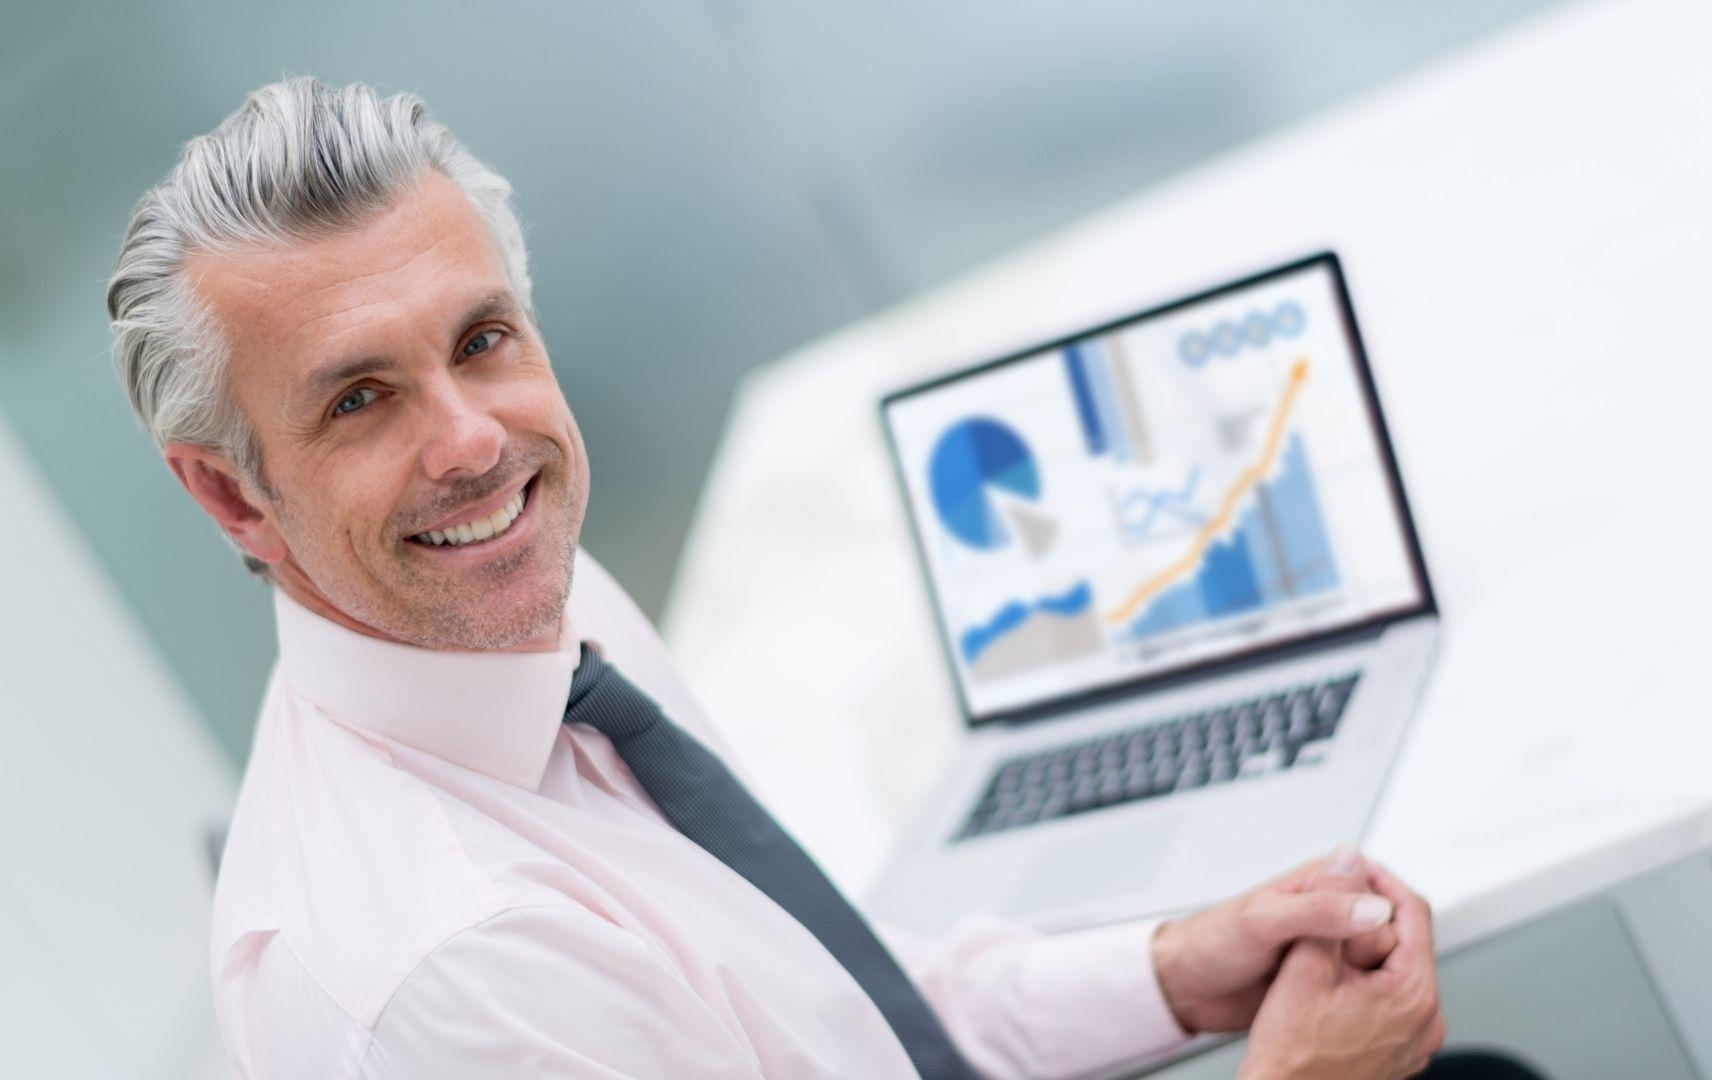 Corporate Business Datenanalyse Einkäufer Controller vor Laptop mit Business Chart